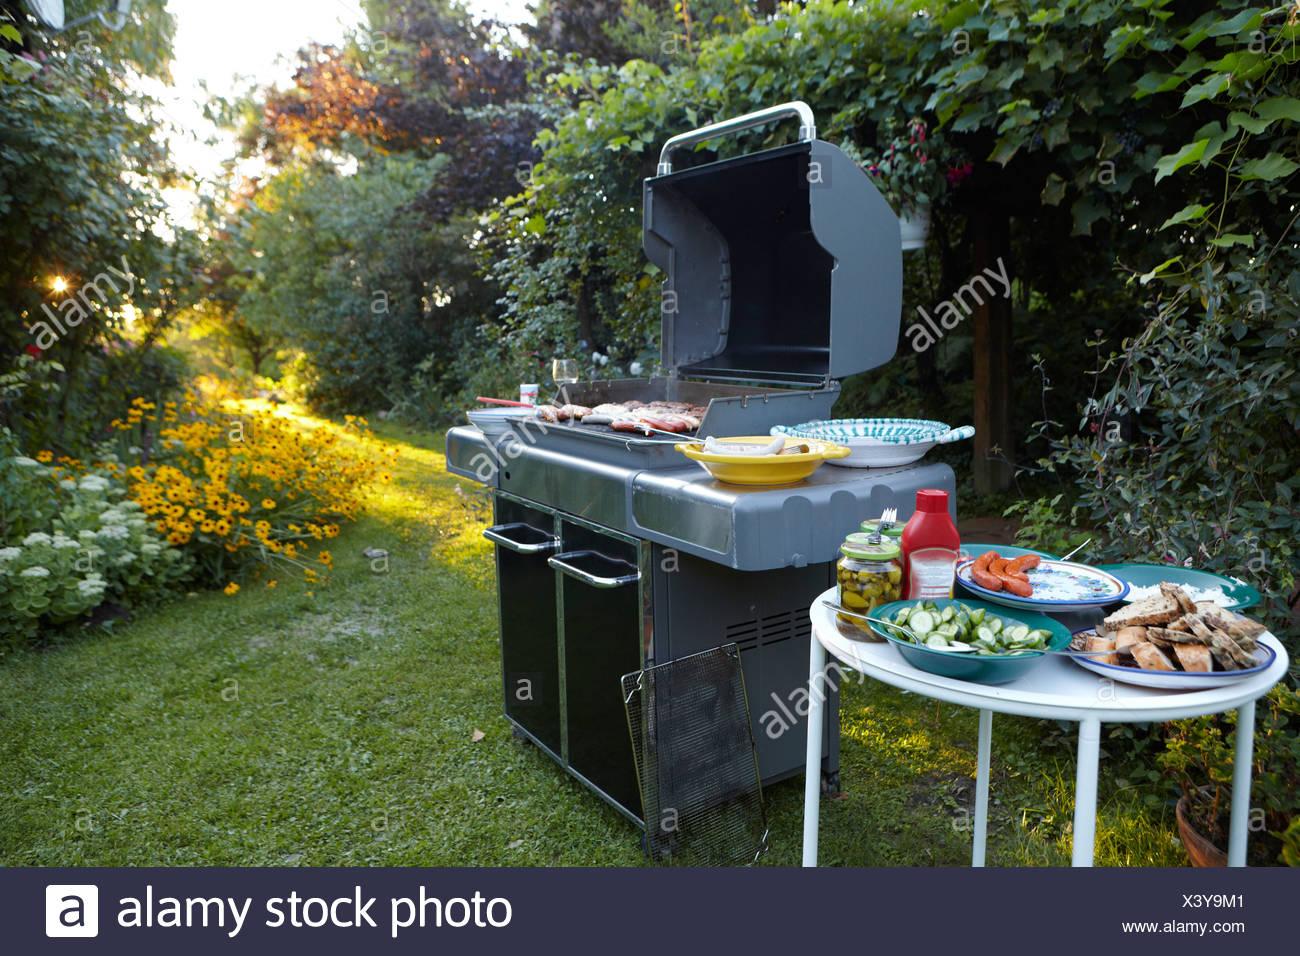 grillplatz mit großem grill, salate und beilagen in den garten am